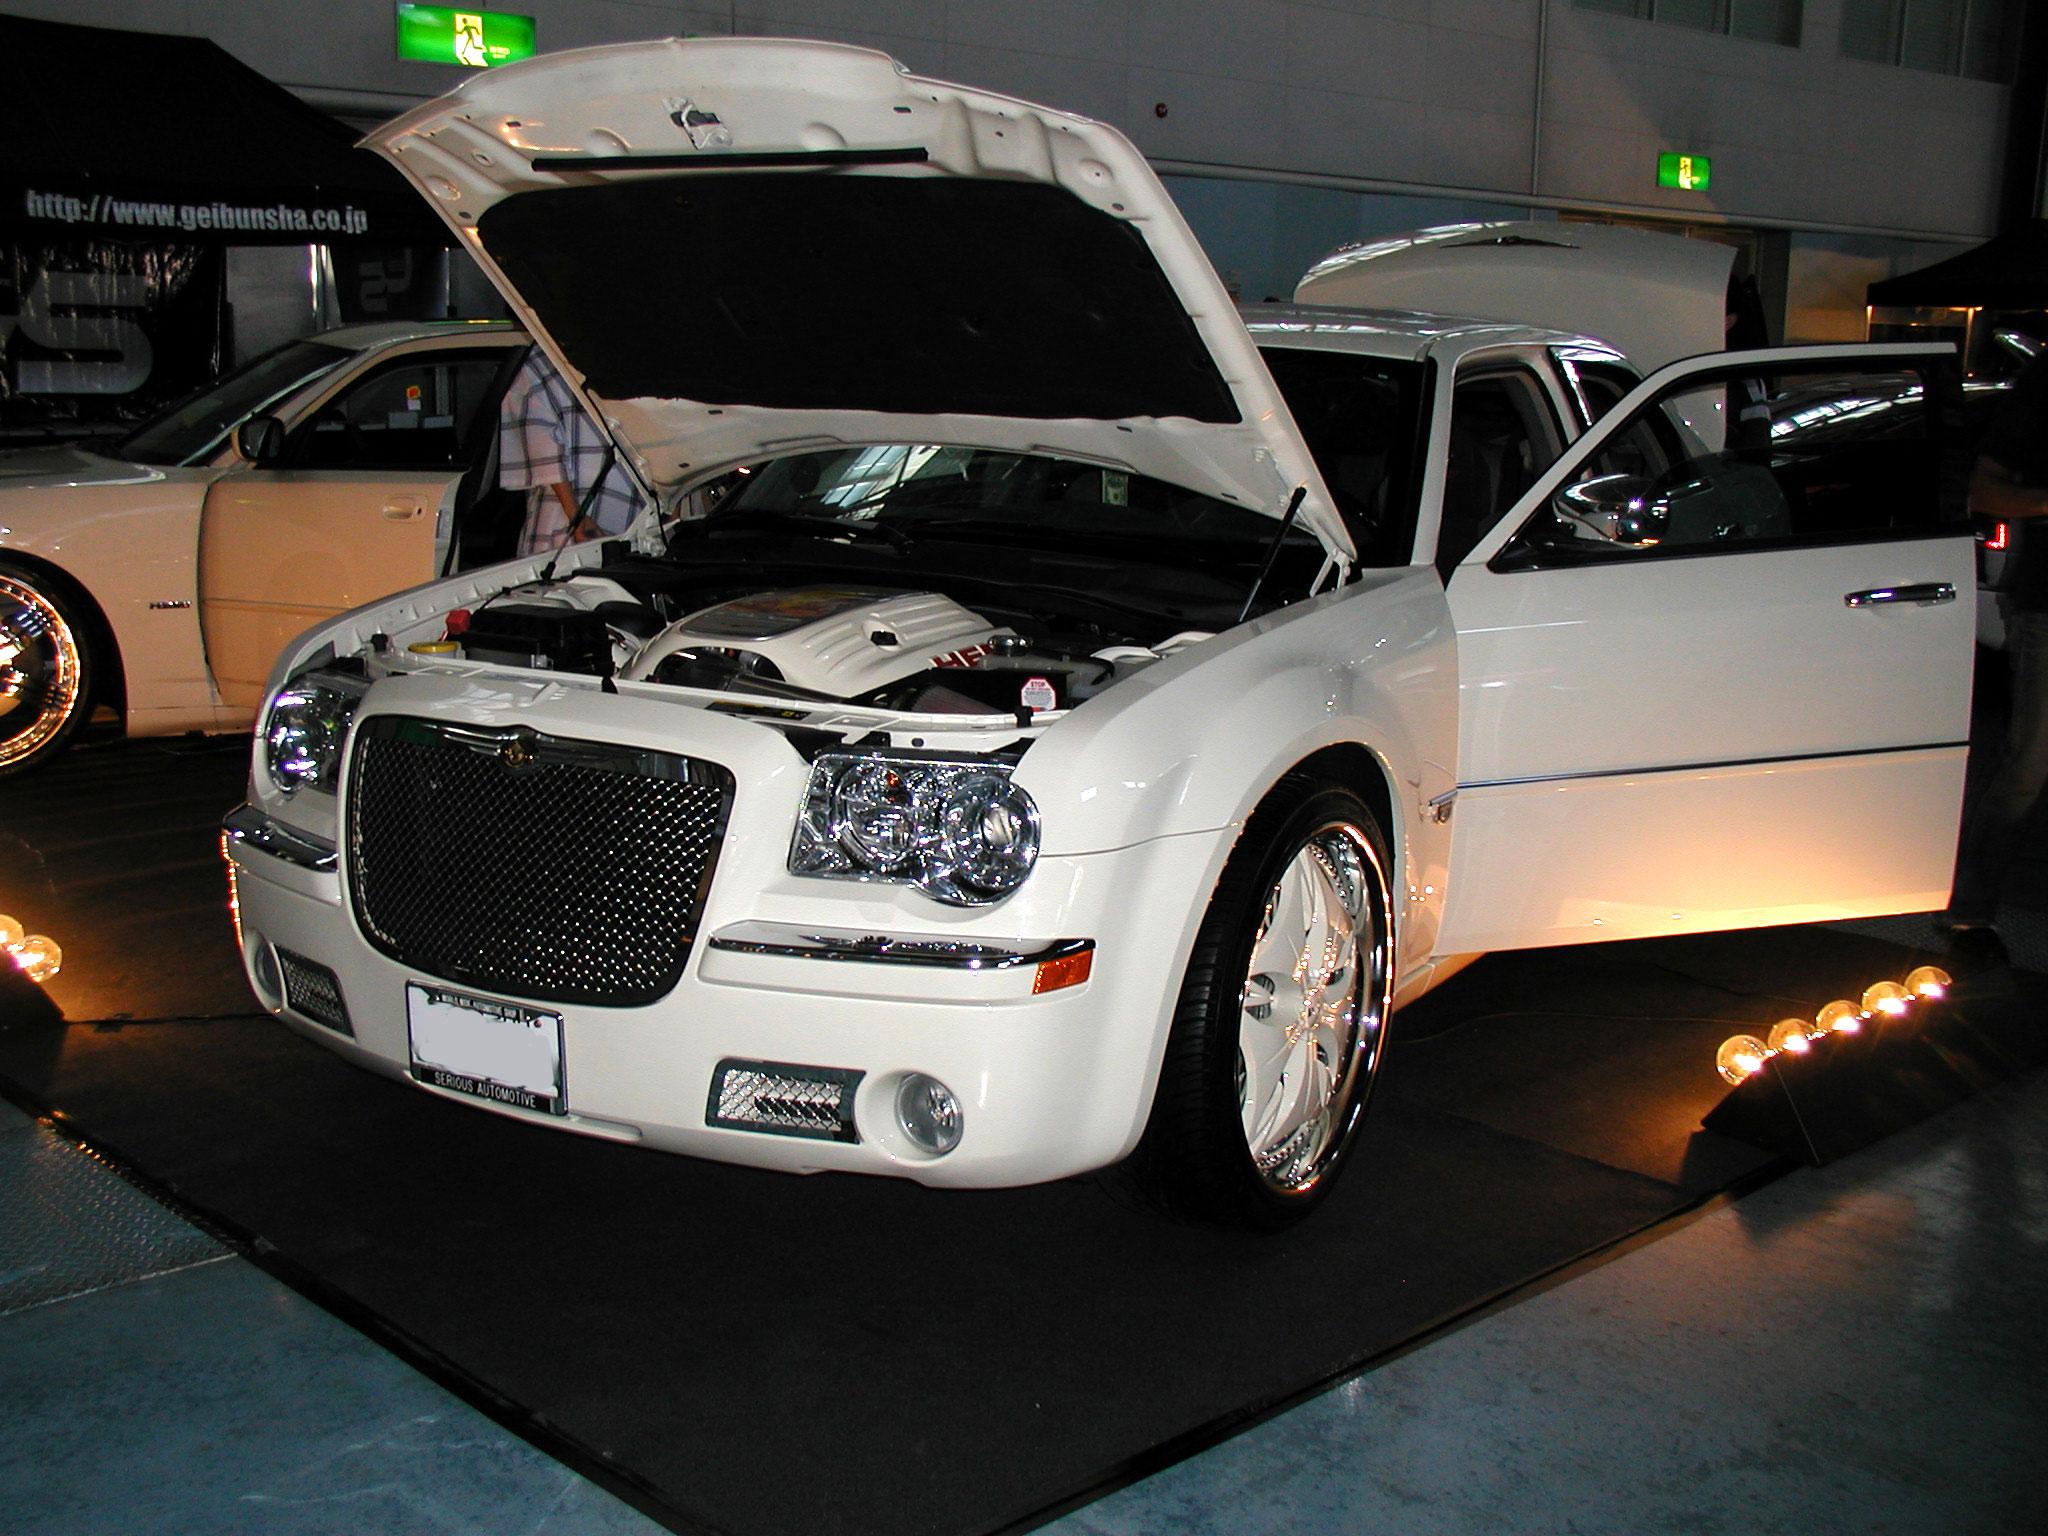 File:Chrysler 300c dub custom.jpg - Wikimedia Commons